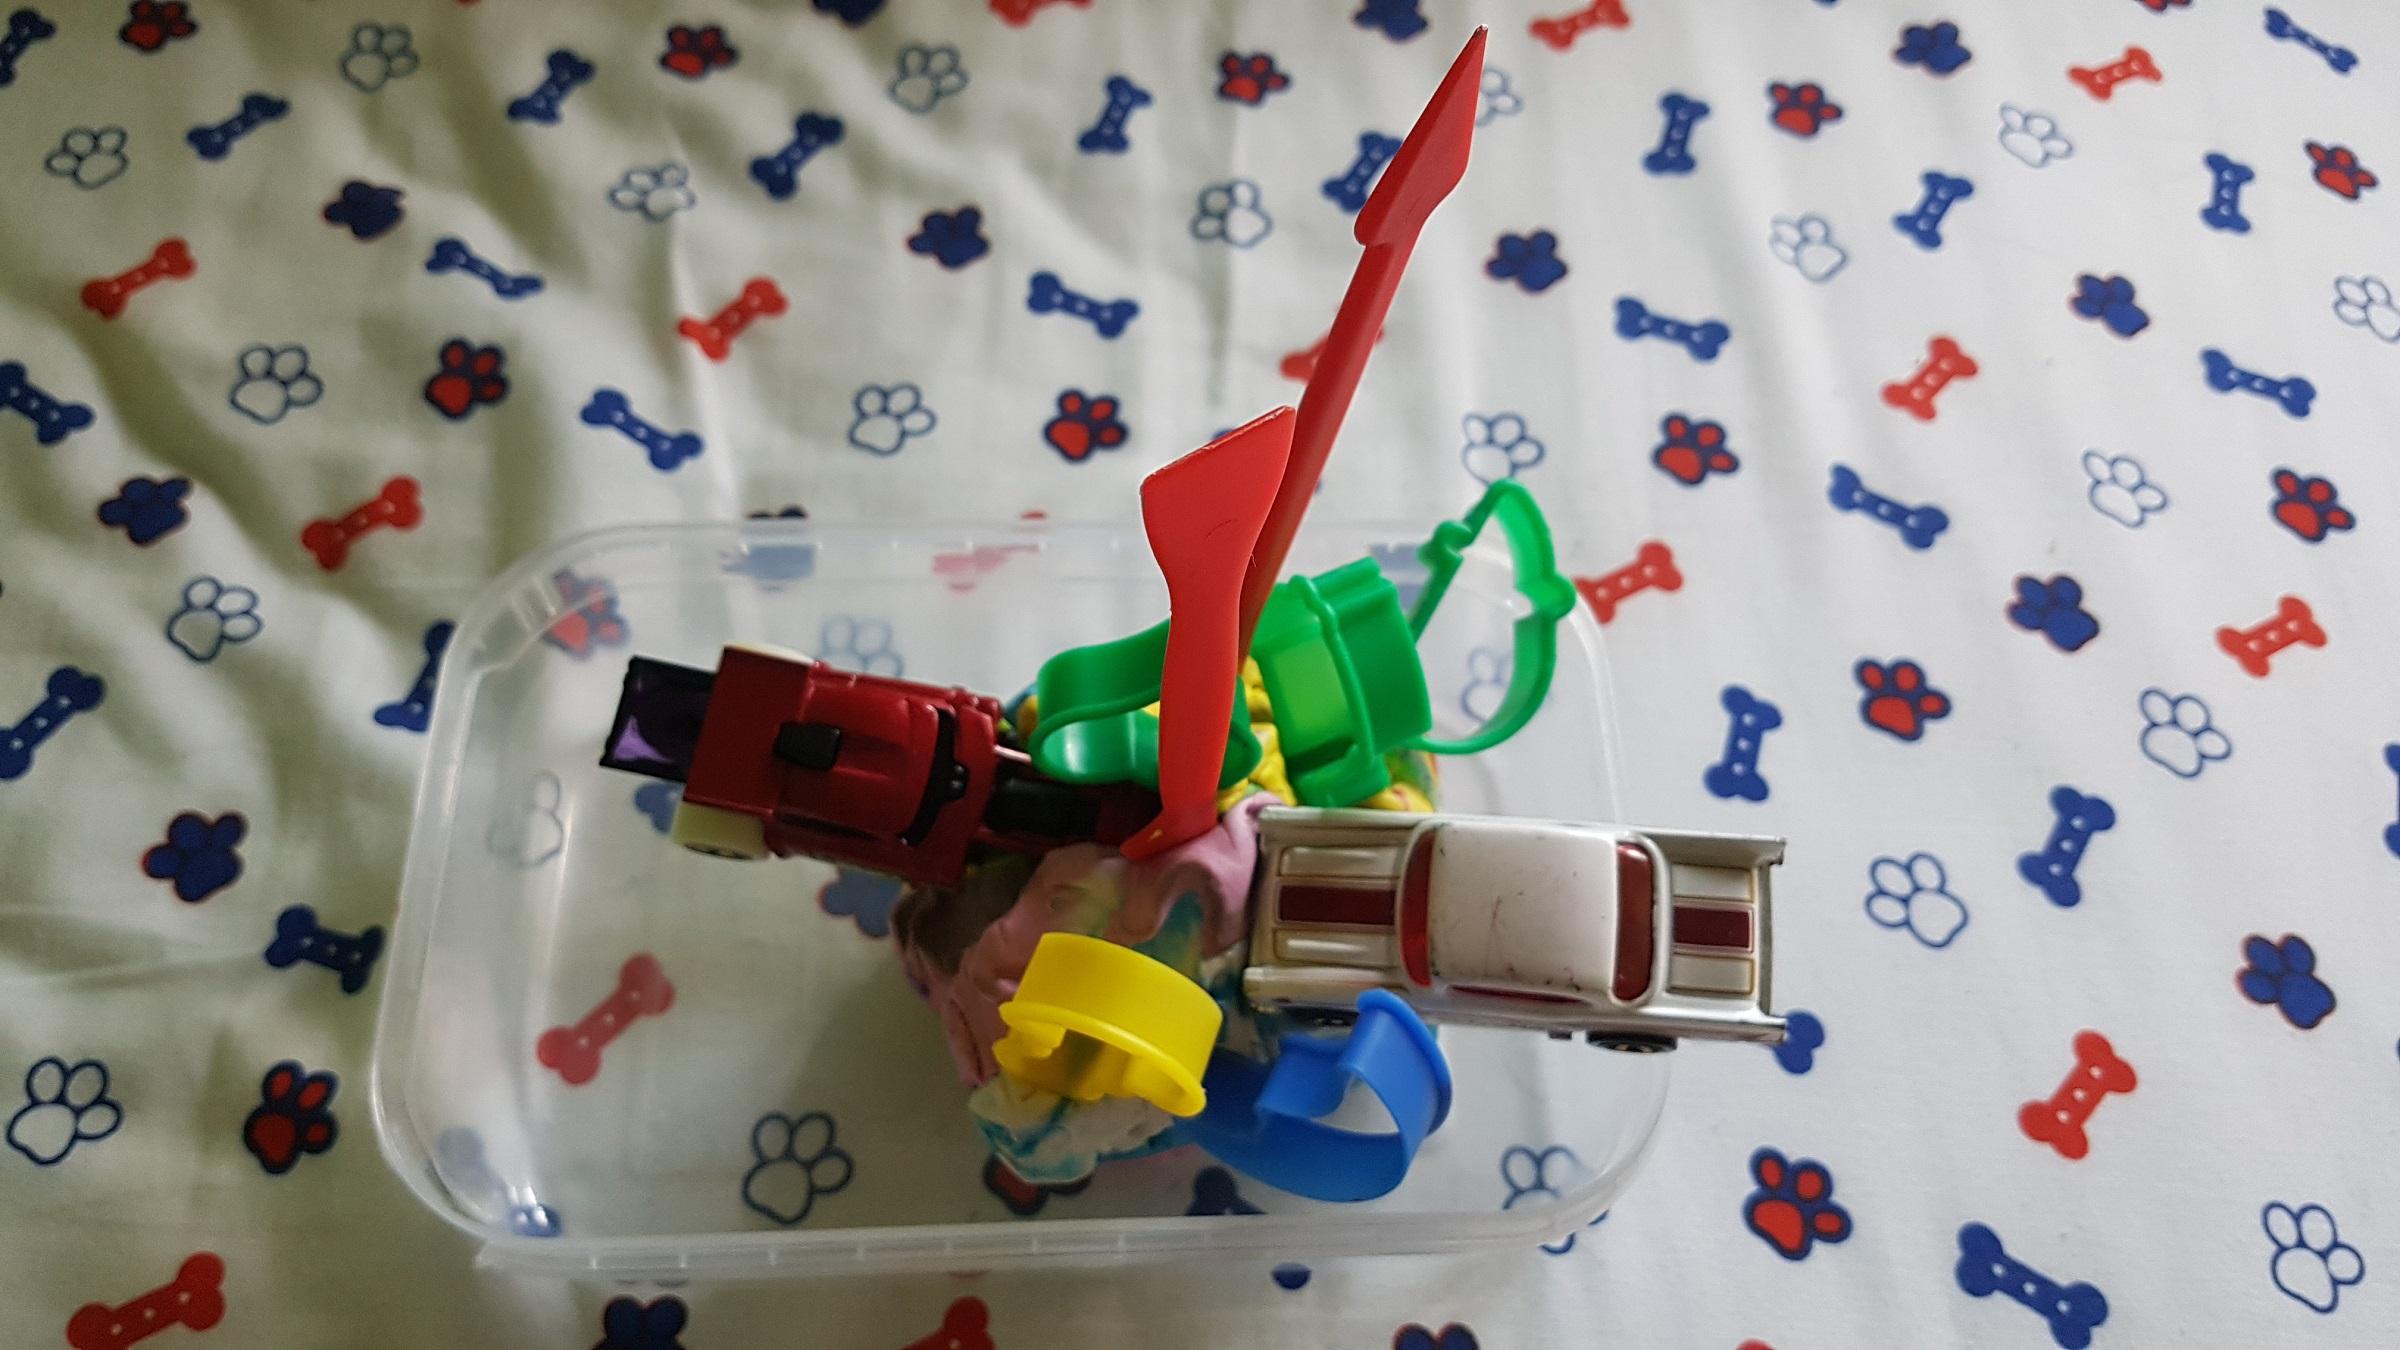 Triceratops diseñado por un niño de 4 años